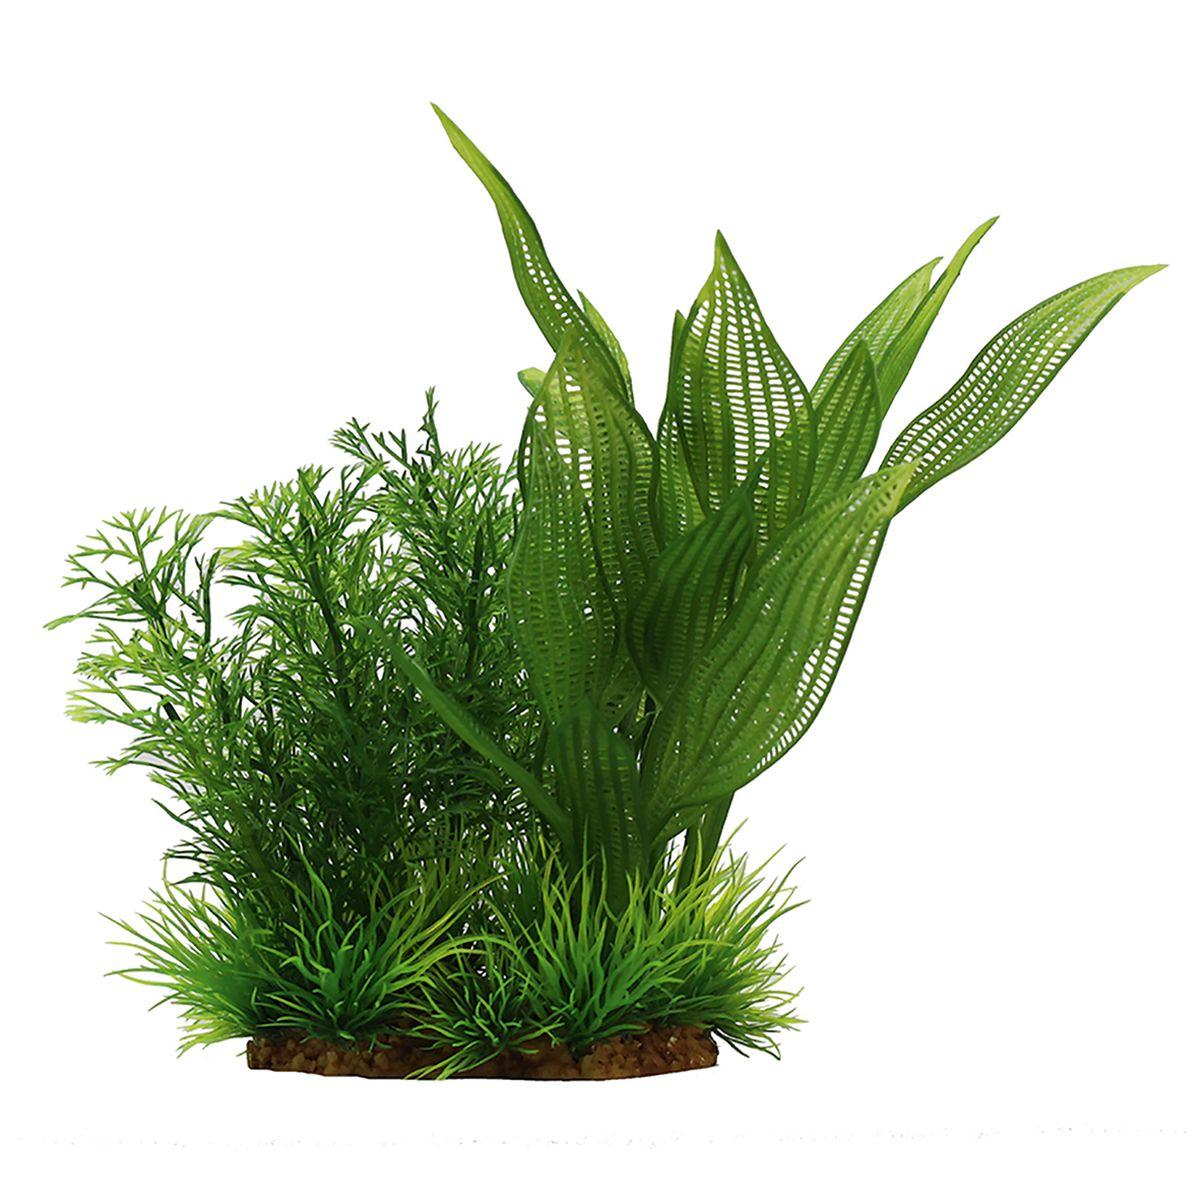 Растение для аквариума ArtUniq Апоногетон мадагаскарский, высота 15 смART-1140112Растение для аквариума ArtUniq Апоногетон мадагаскарский, высота 15 см